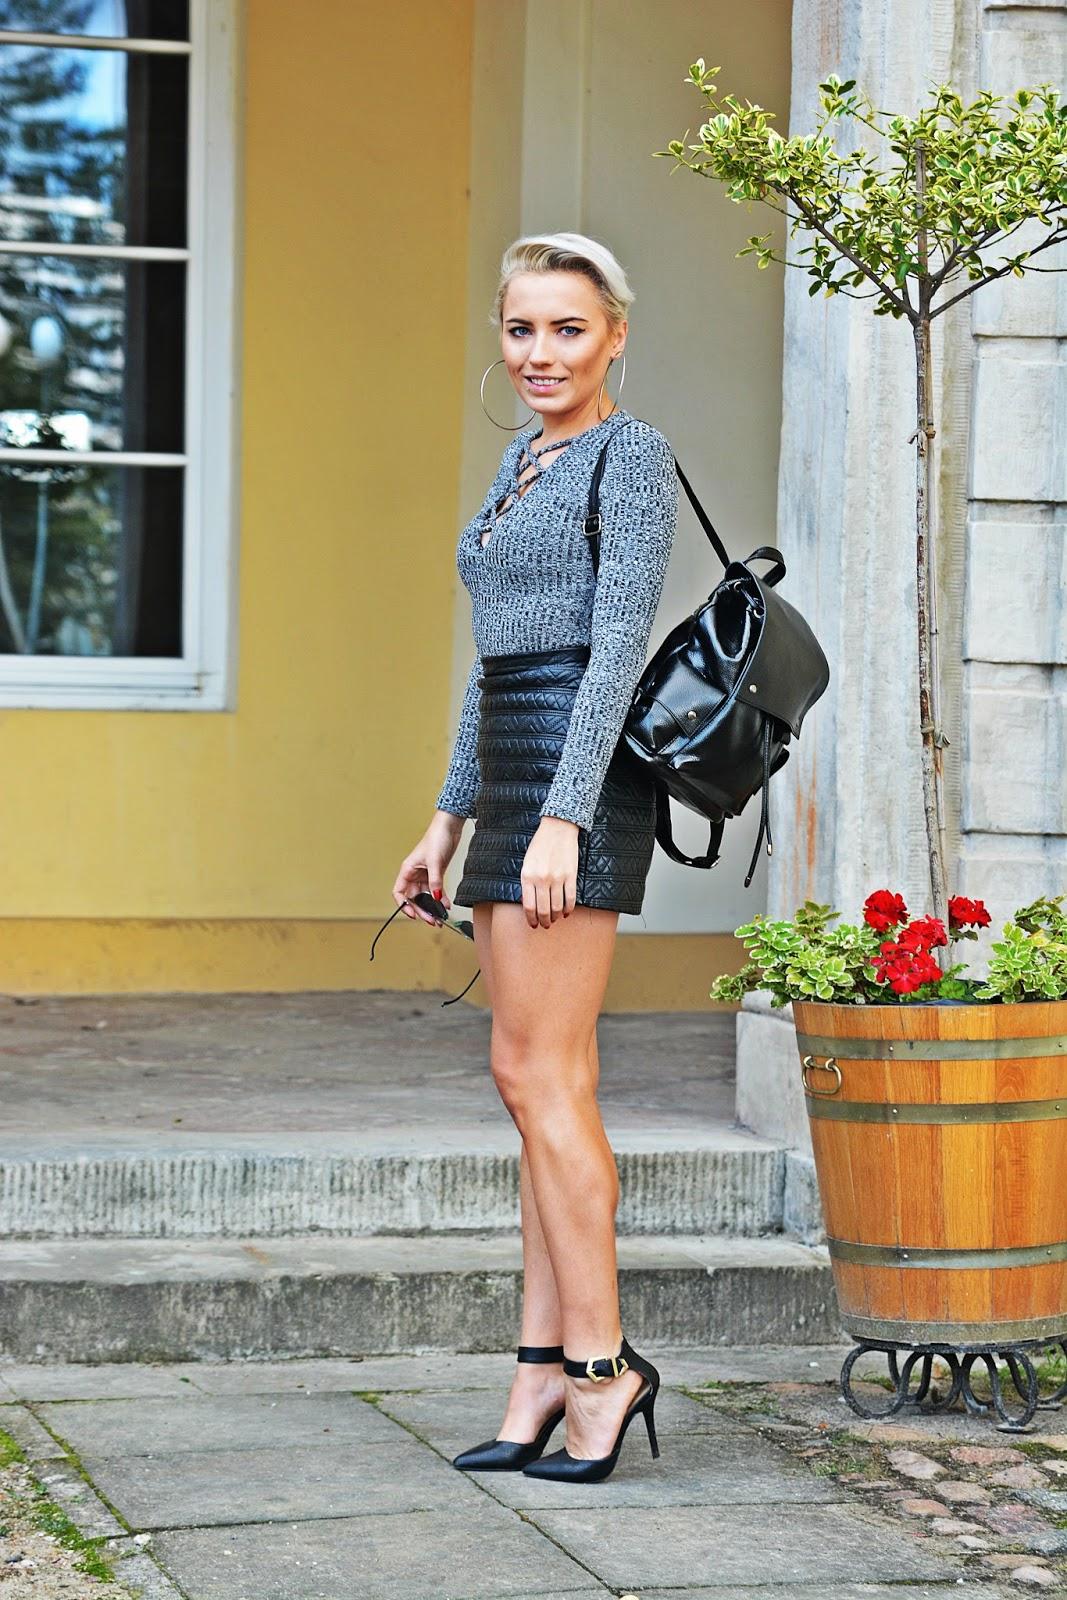 czarna_skorzana_spodnica_wiazana_bluzka_karyn3